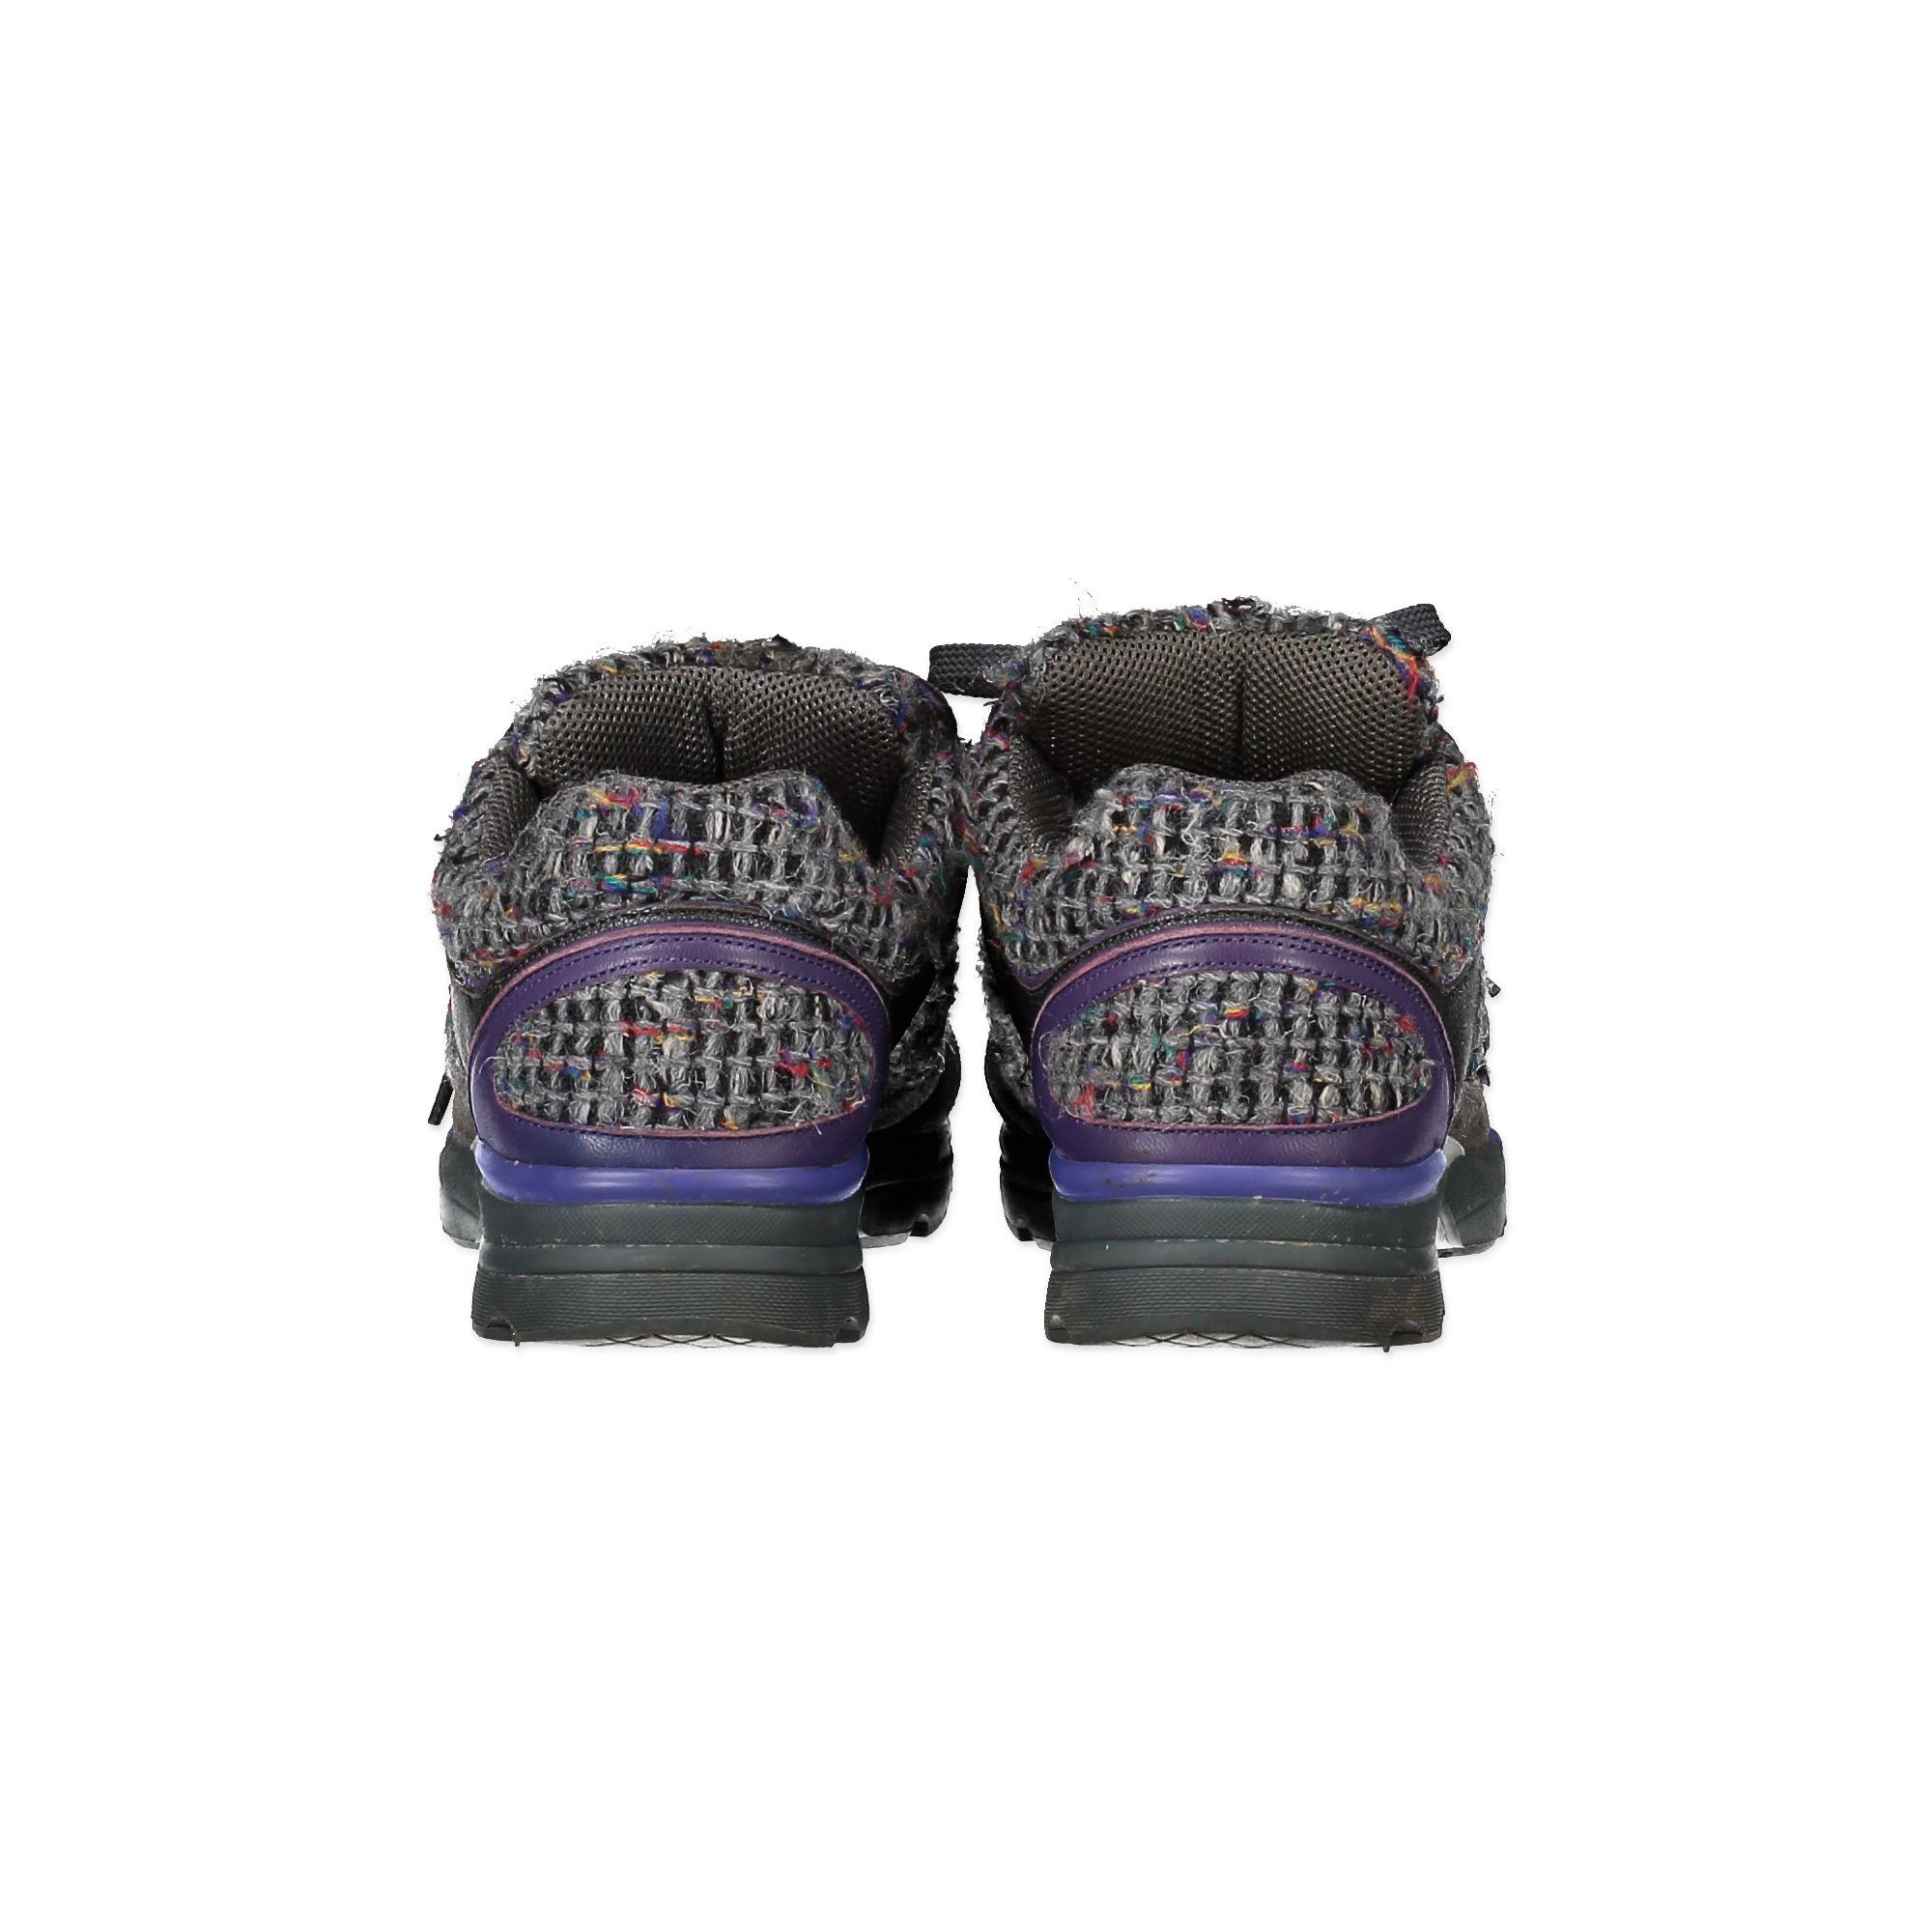 Chanel Grey Purple Tweed Sneakers - Size 41,5 veilig online kopen